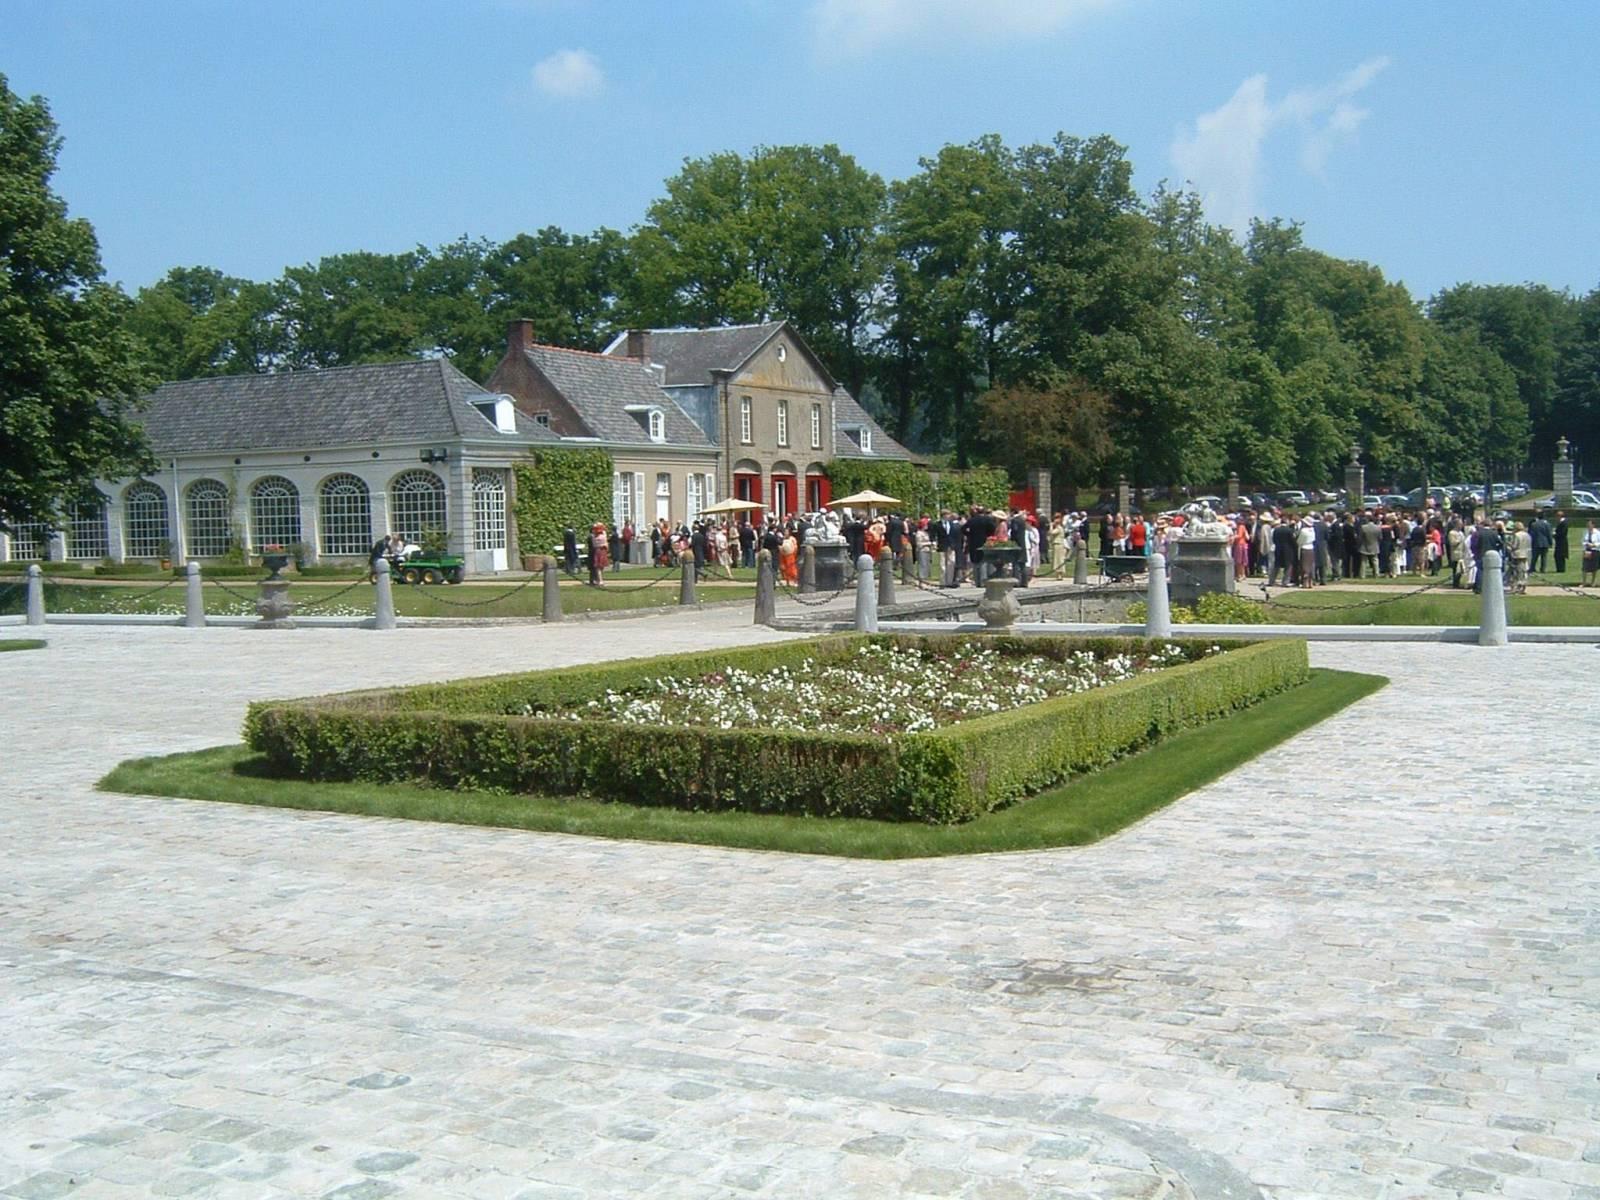 Kasteel van Leeuwergem - Feestzaal - House of Weddings  - 4